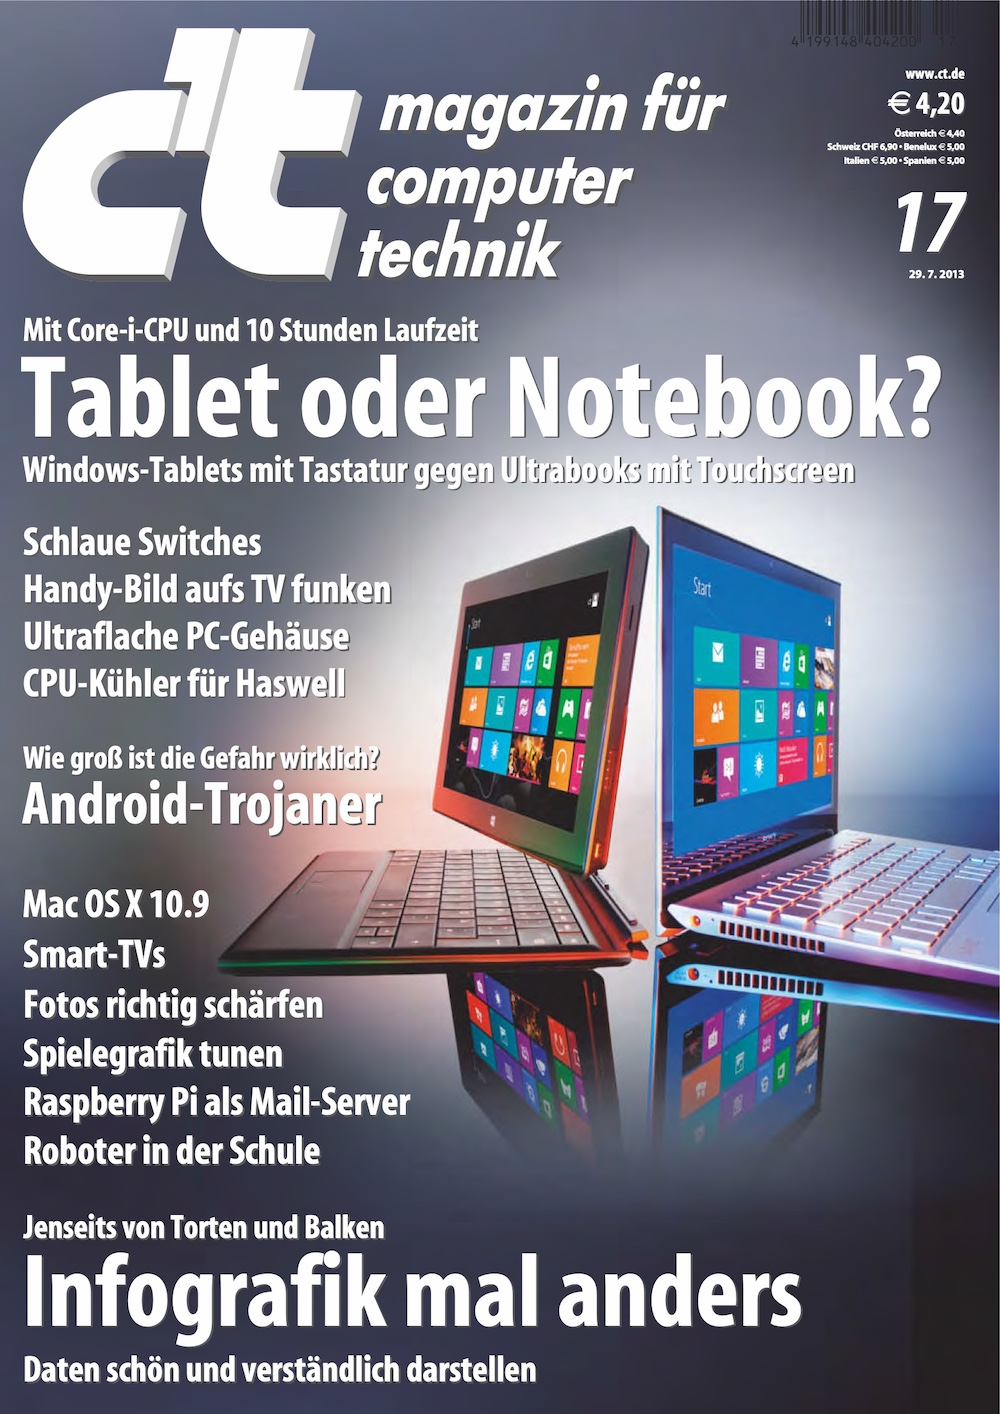 c't Magazin 2013-17